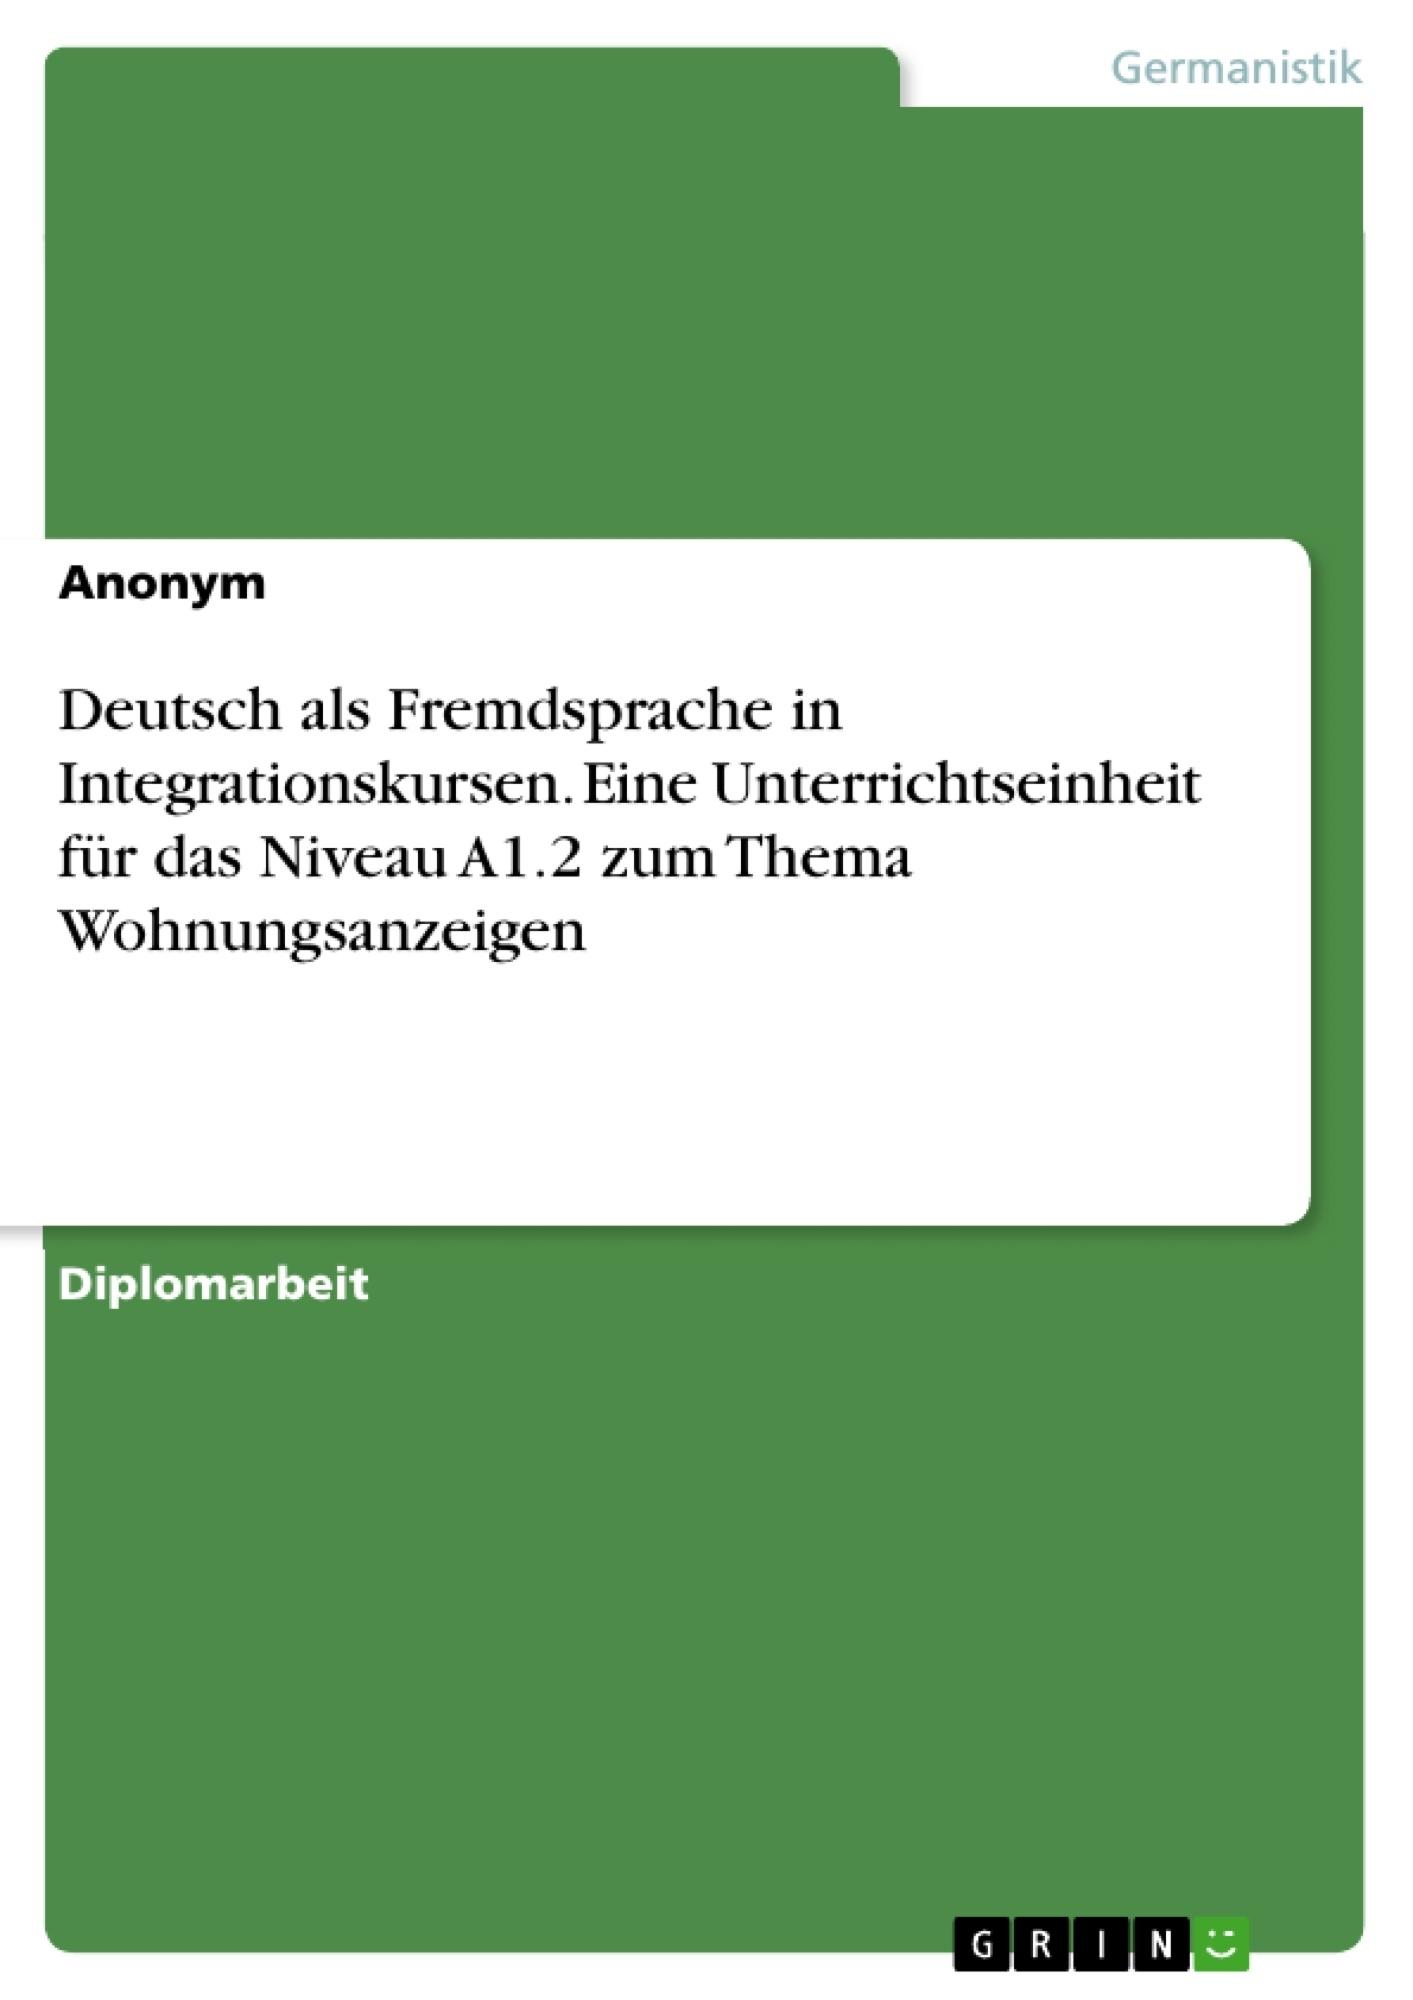 Titel: Deutsch als Fremdsprache in Integrationskursen. Eine Unterrichtseinheit für das Niveau A1.2 zum Thema Wohnungsanzeigen